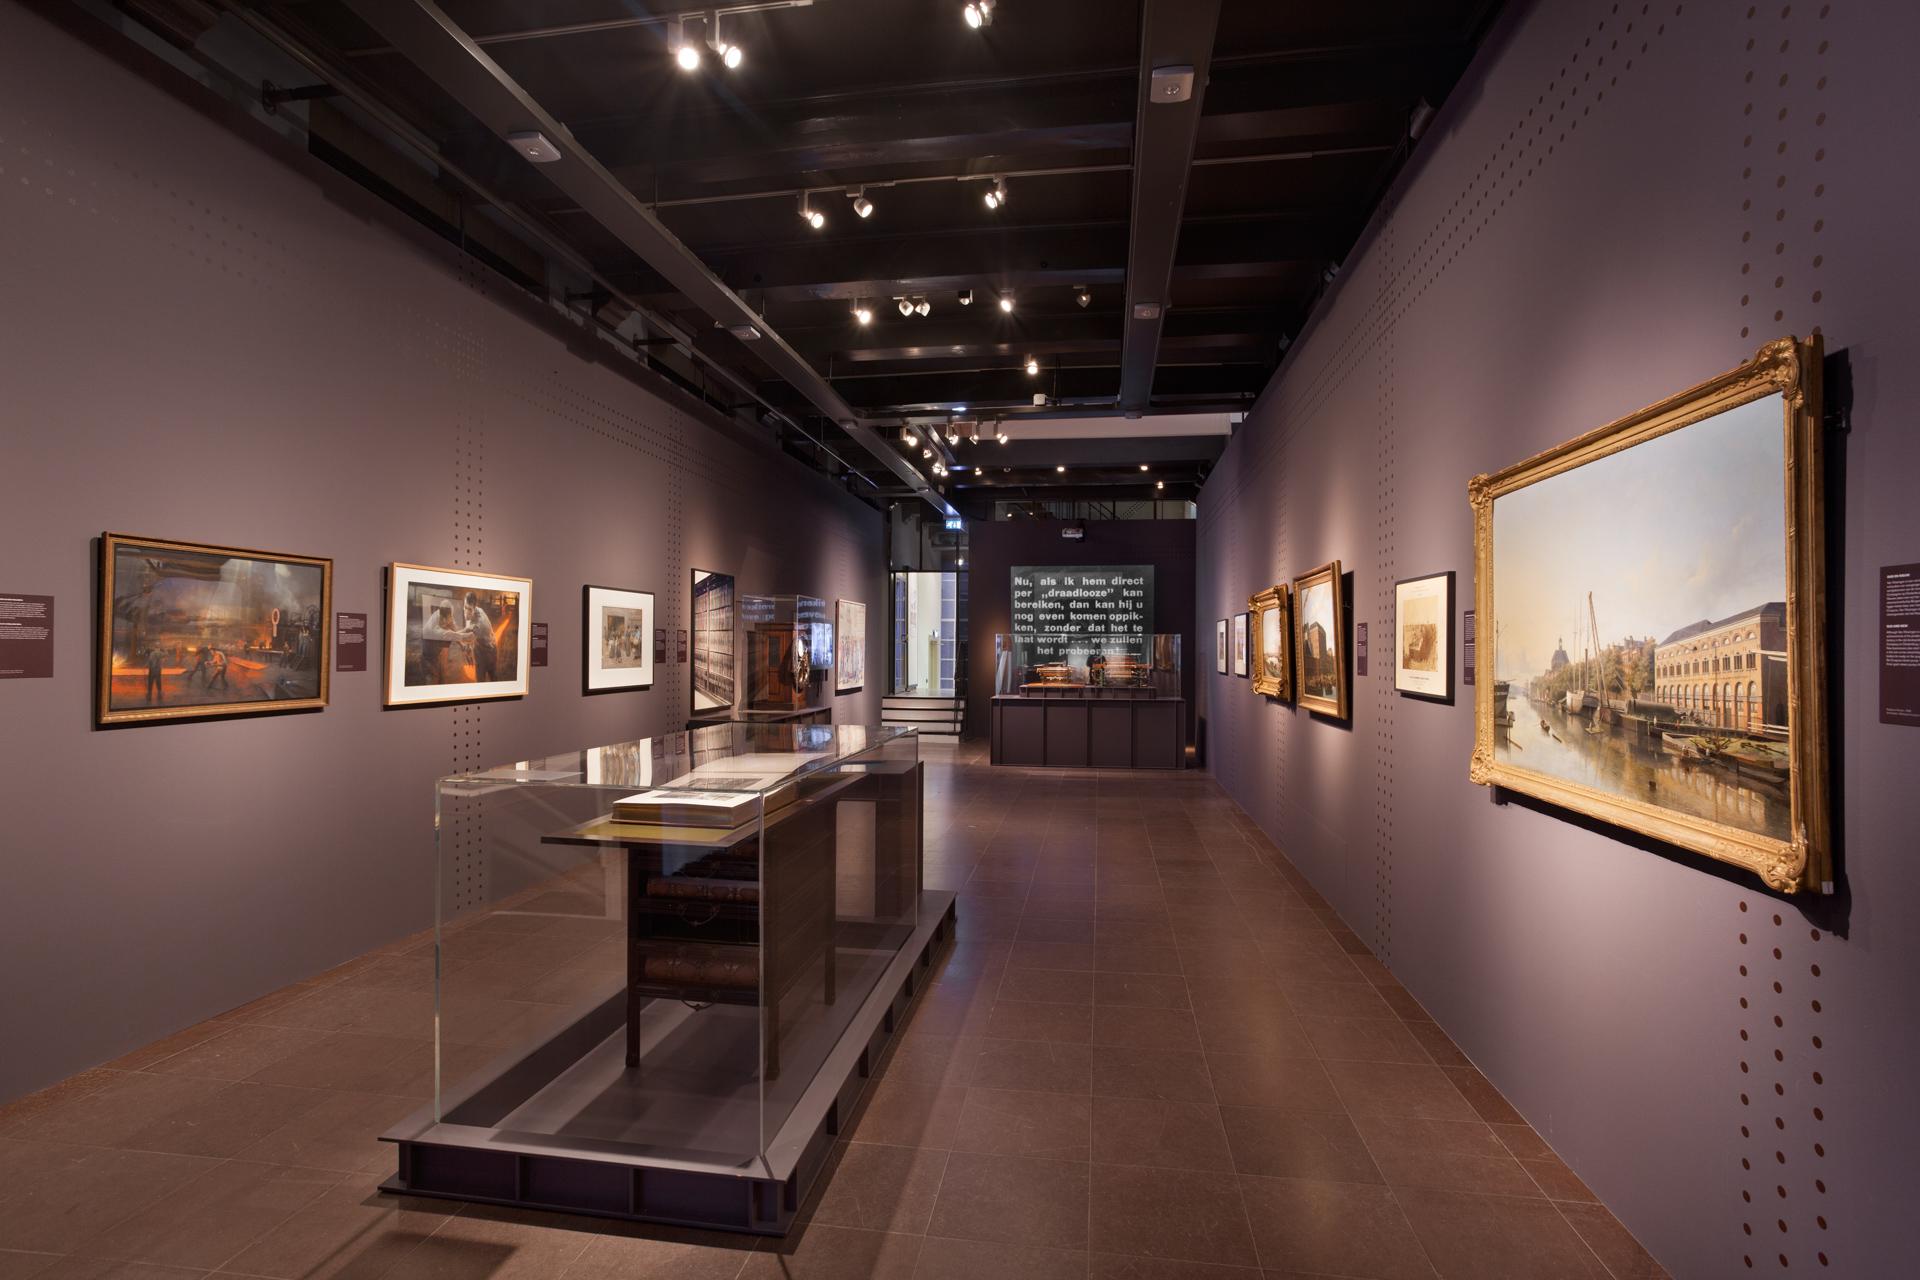 tentoonstellingsontwerp ijzeren eeuw amsterdam museum 08 jpg